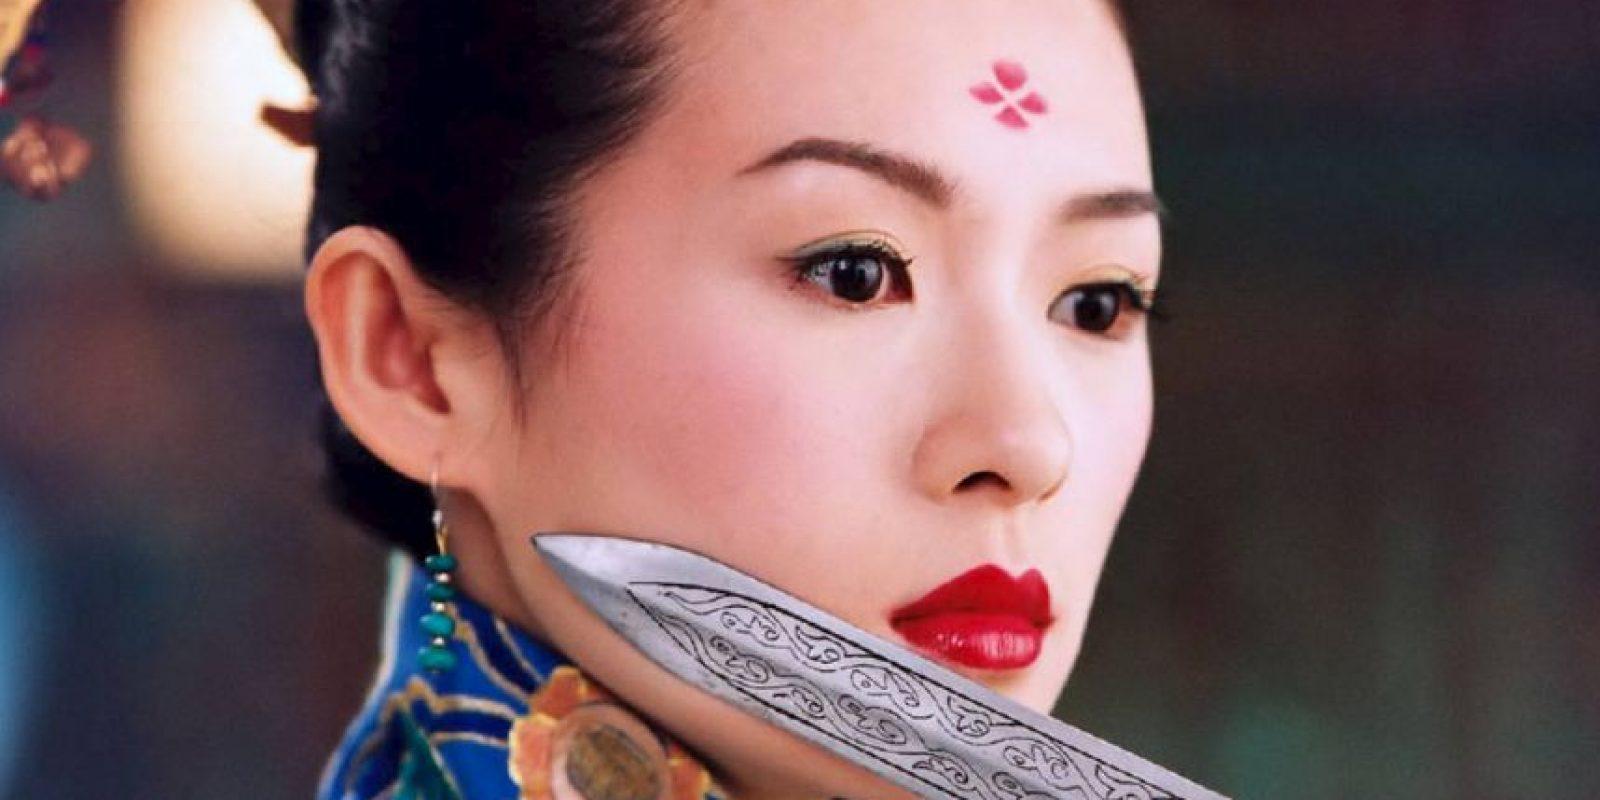 """Destacó en películas Wuxia (género de artes marciales) como """"El Tigre y el Dragón"""" o """"La casa de las Dagas Voladoras"""". Foto:vía Sony Pictures"""